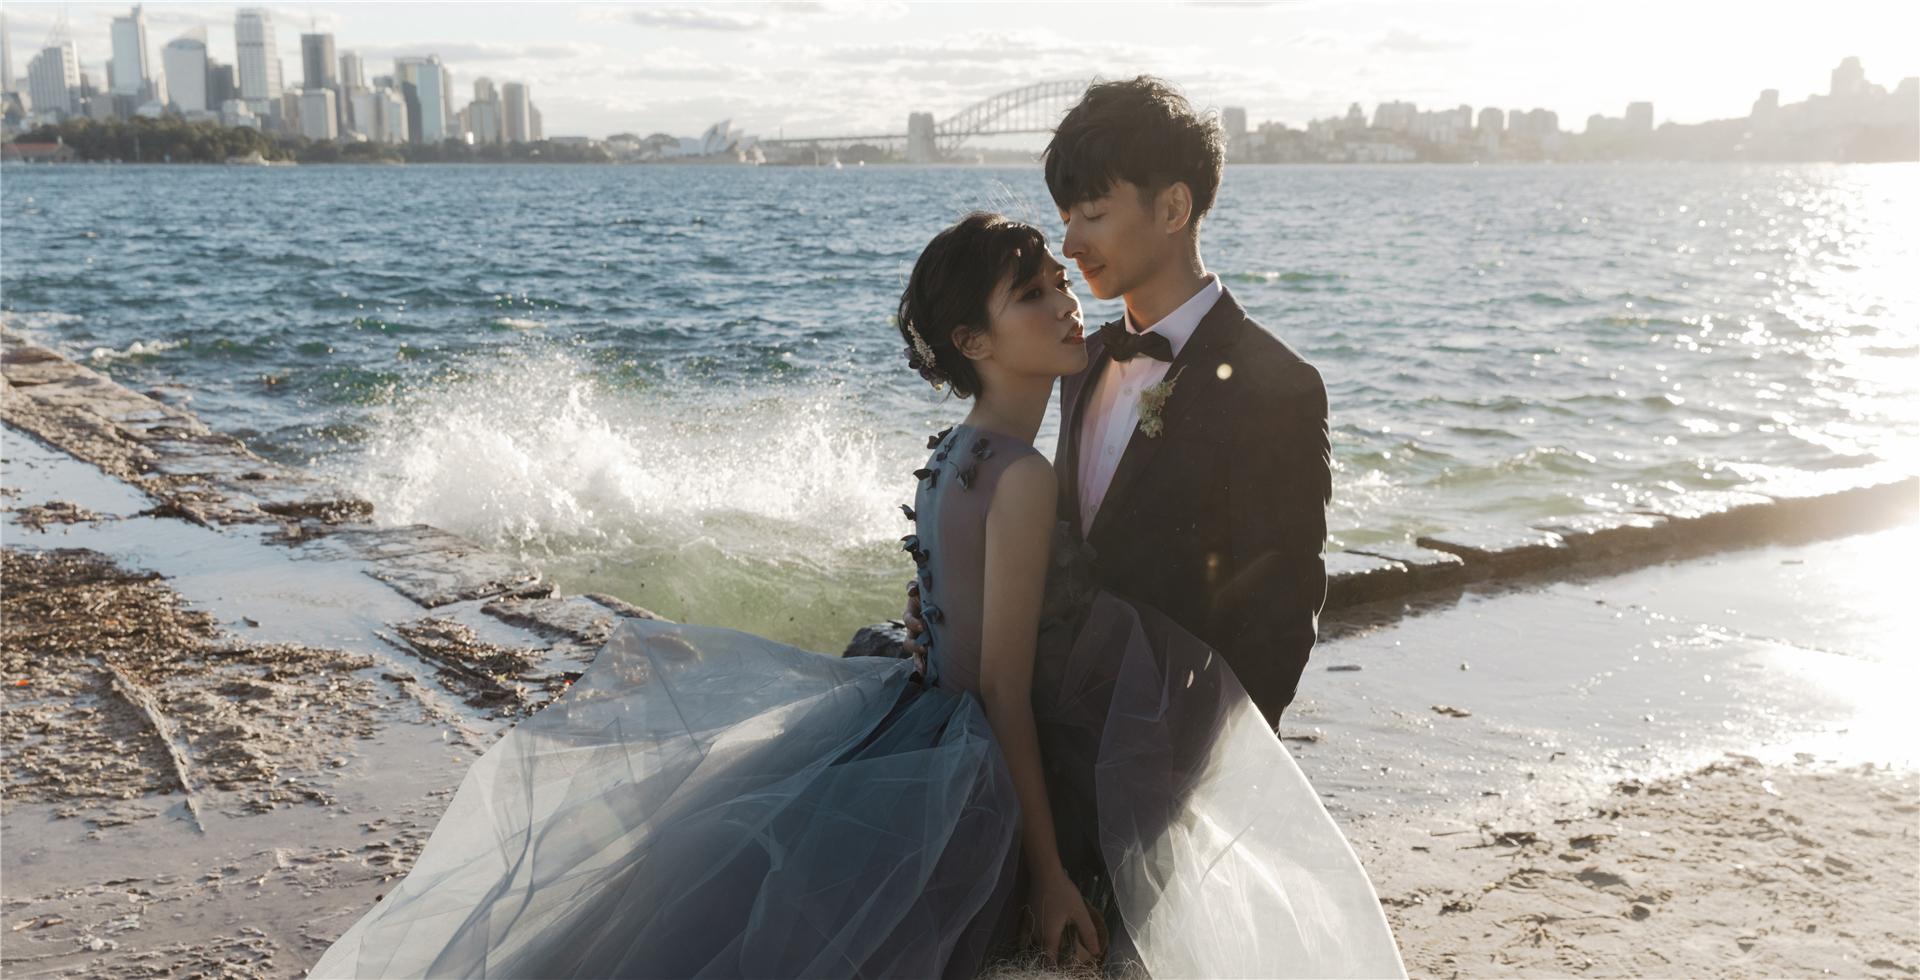 澳洲悉尼口碑最好,屡次荣获各项婚纱婚礼奖项,我们拥有最有创意的摄影摄像团队和化妆团队